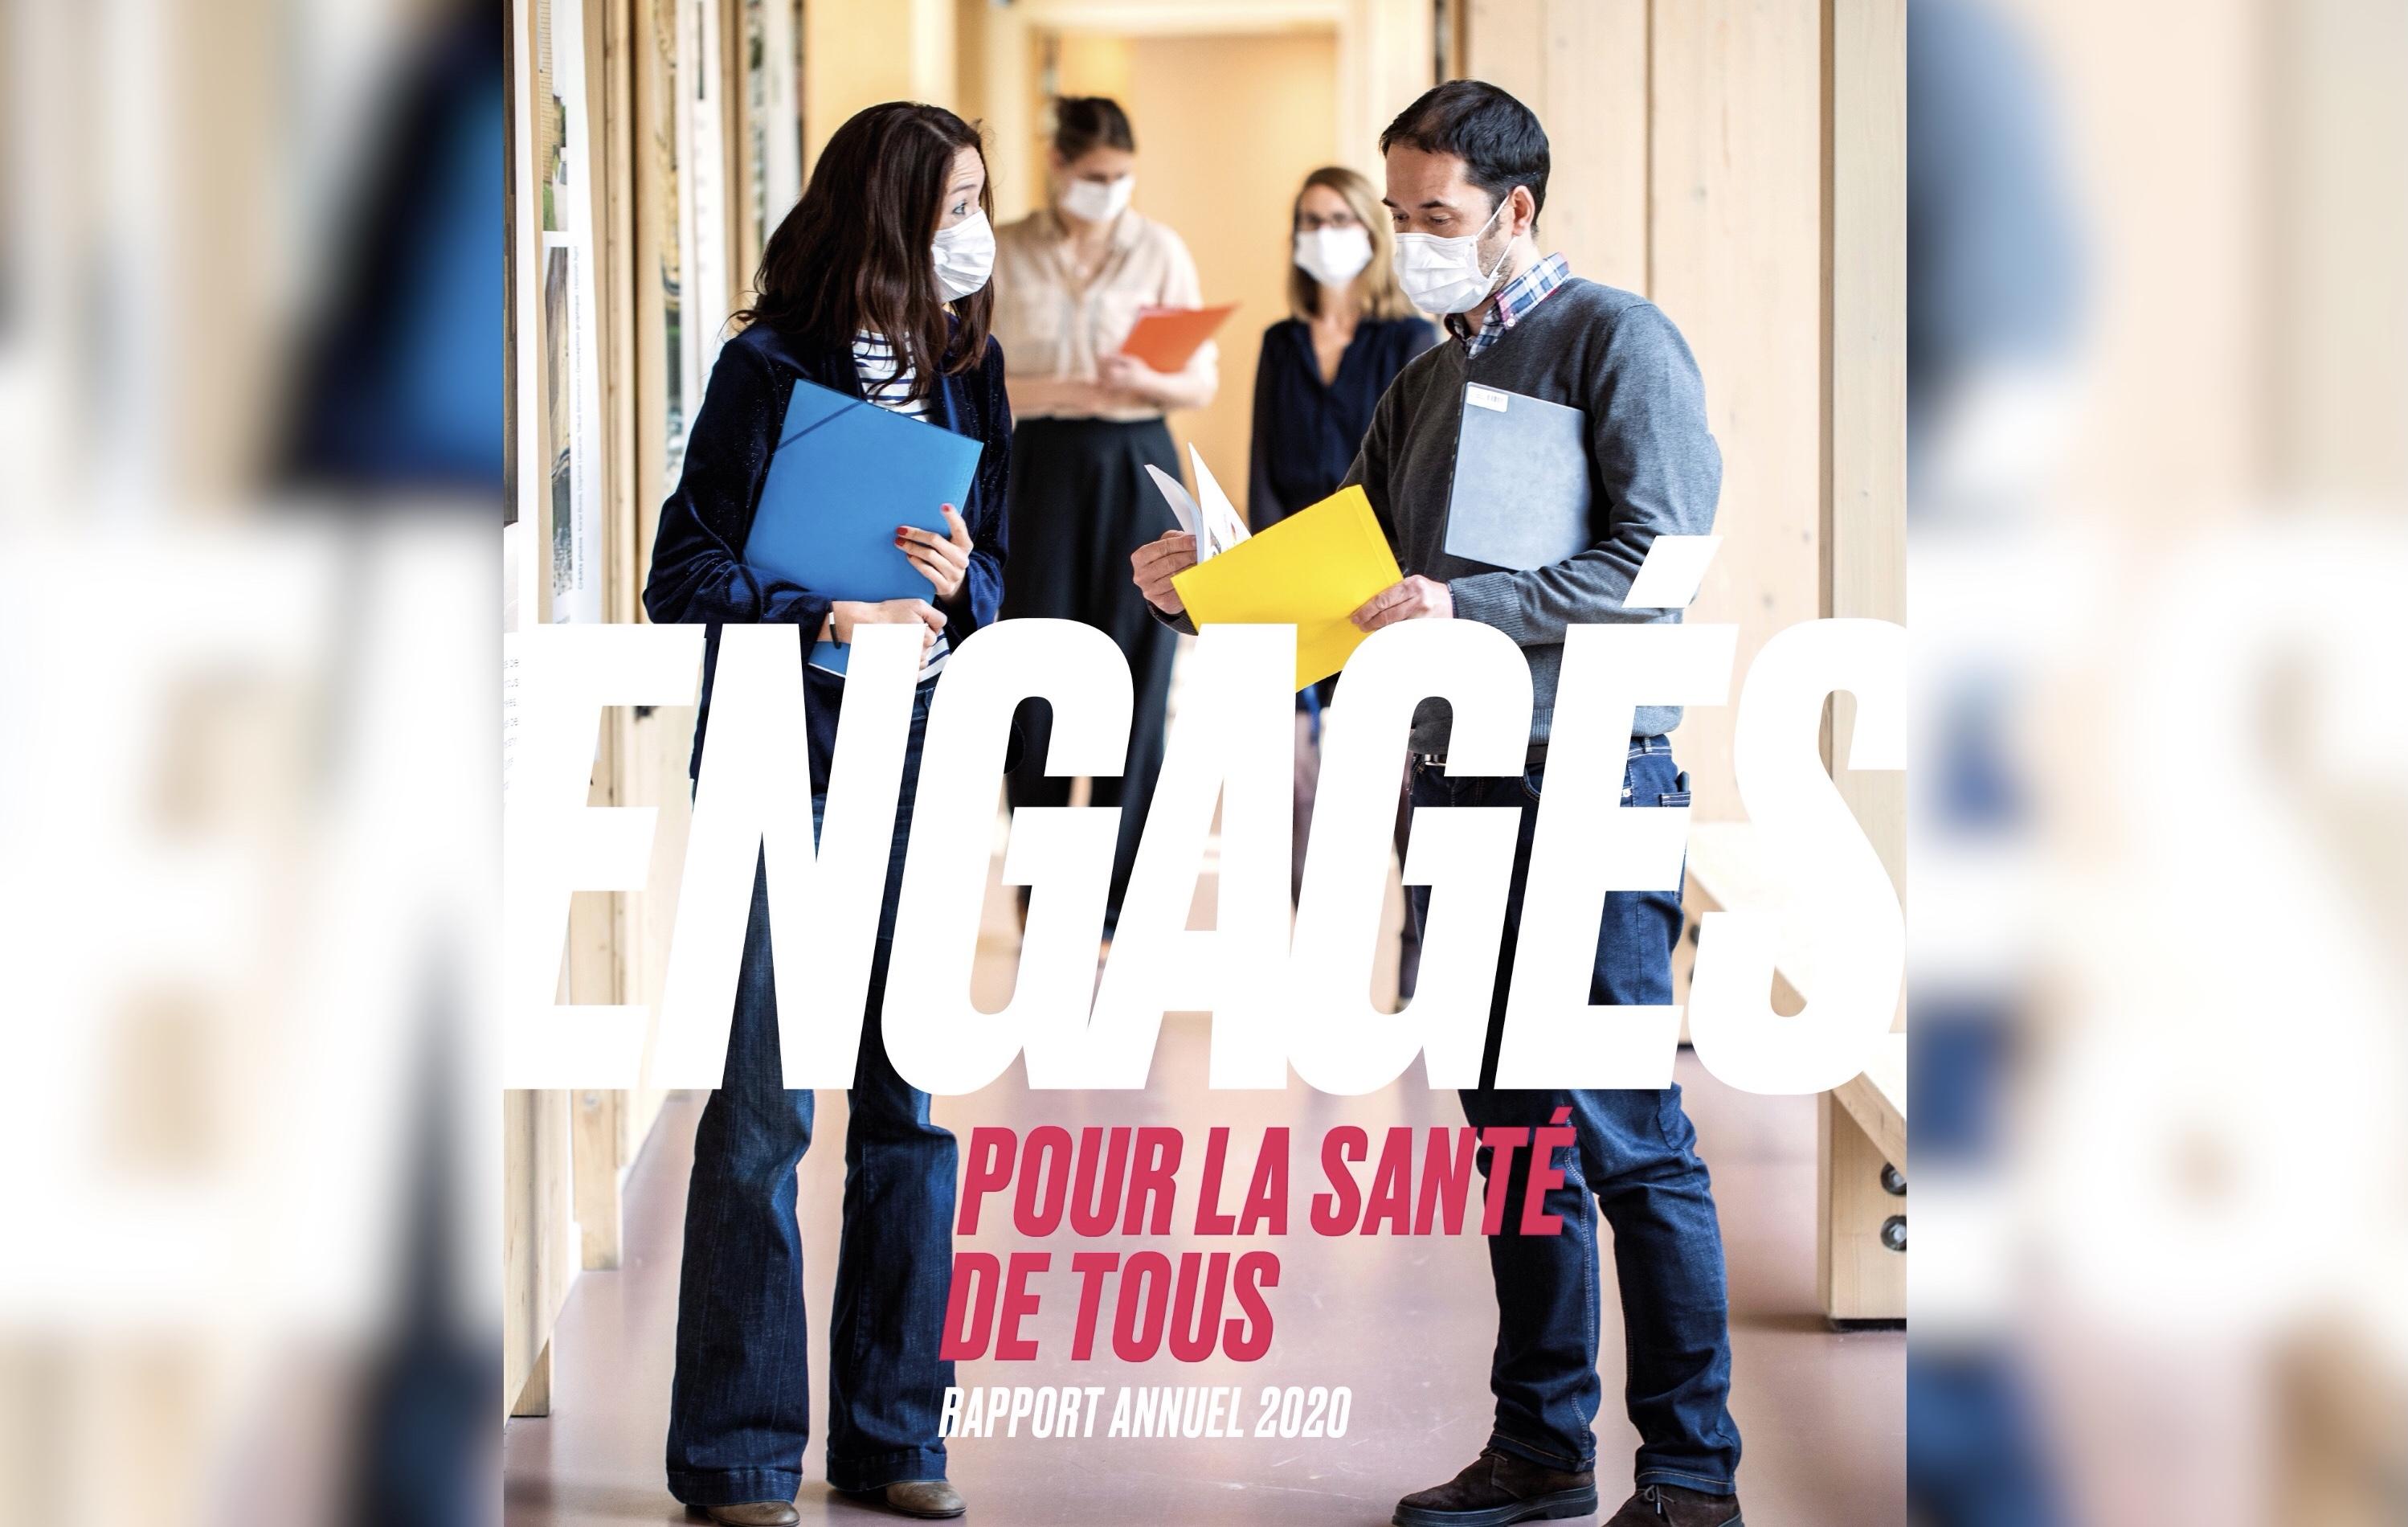 Rapport annuel - Santé publique France revient sur les temps forts de l'année 2020